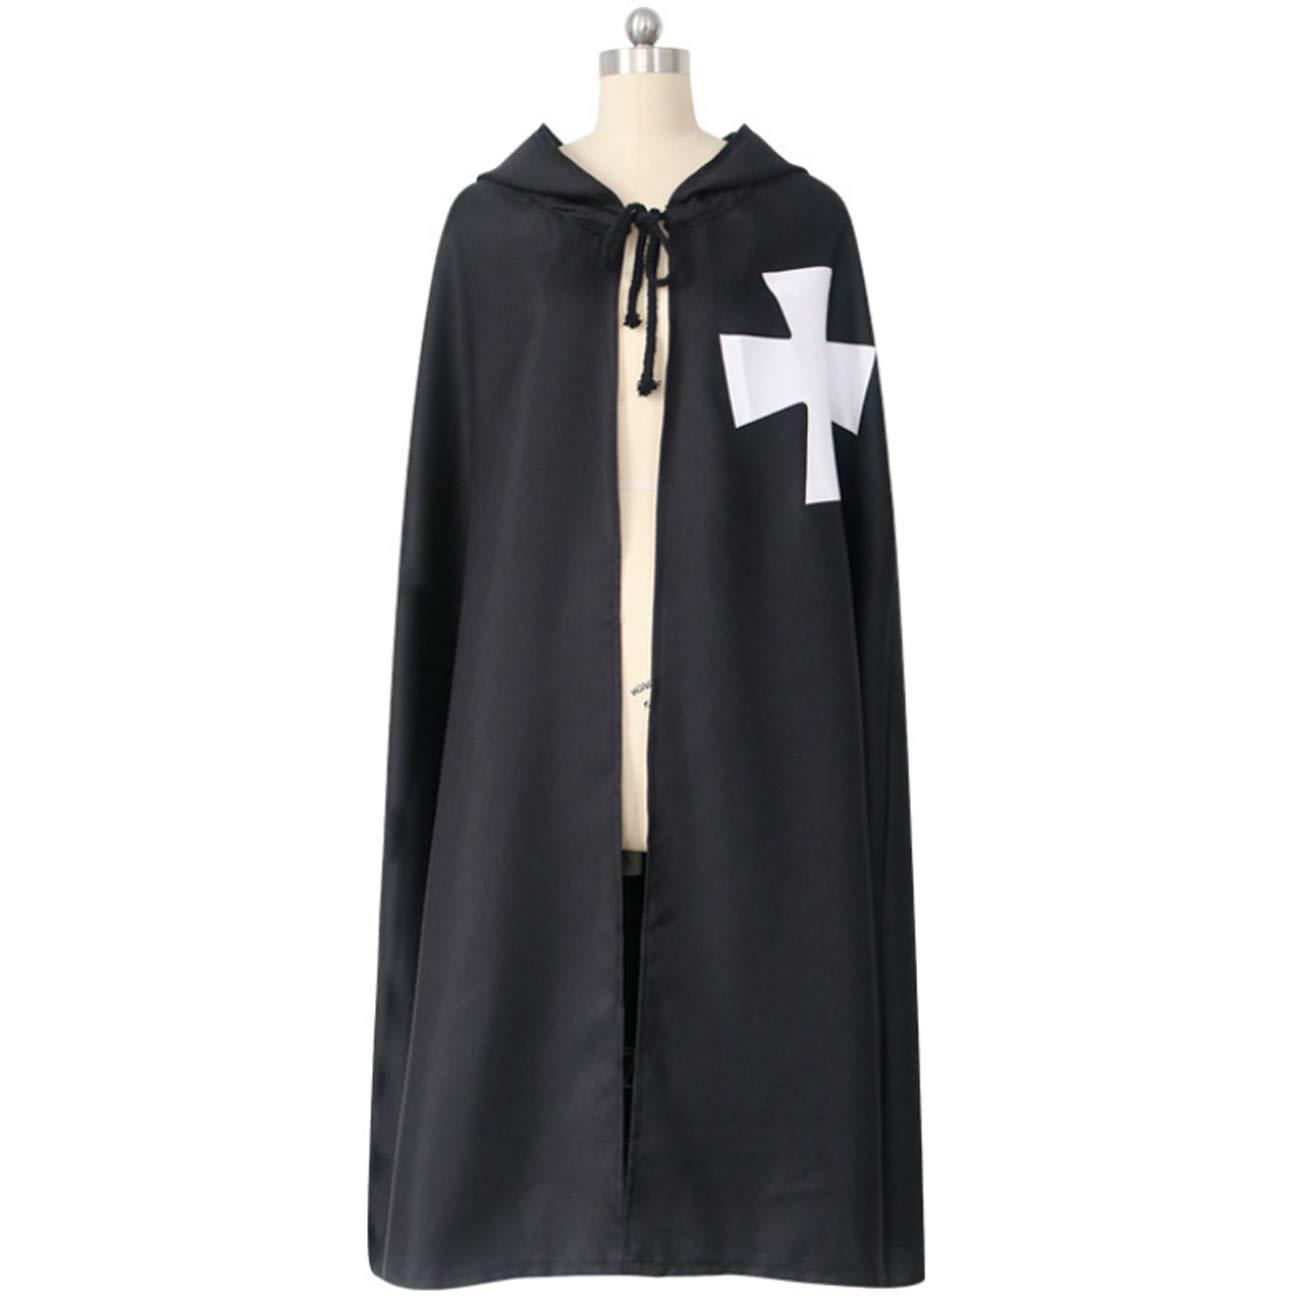 Huaishu Capa Negra con Capucha Adultos Caballeros Templarios ...